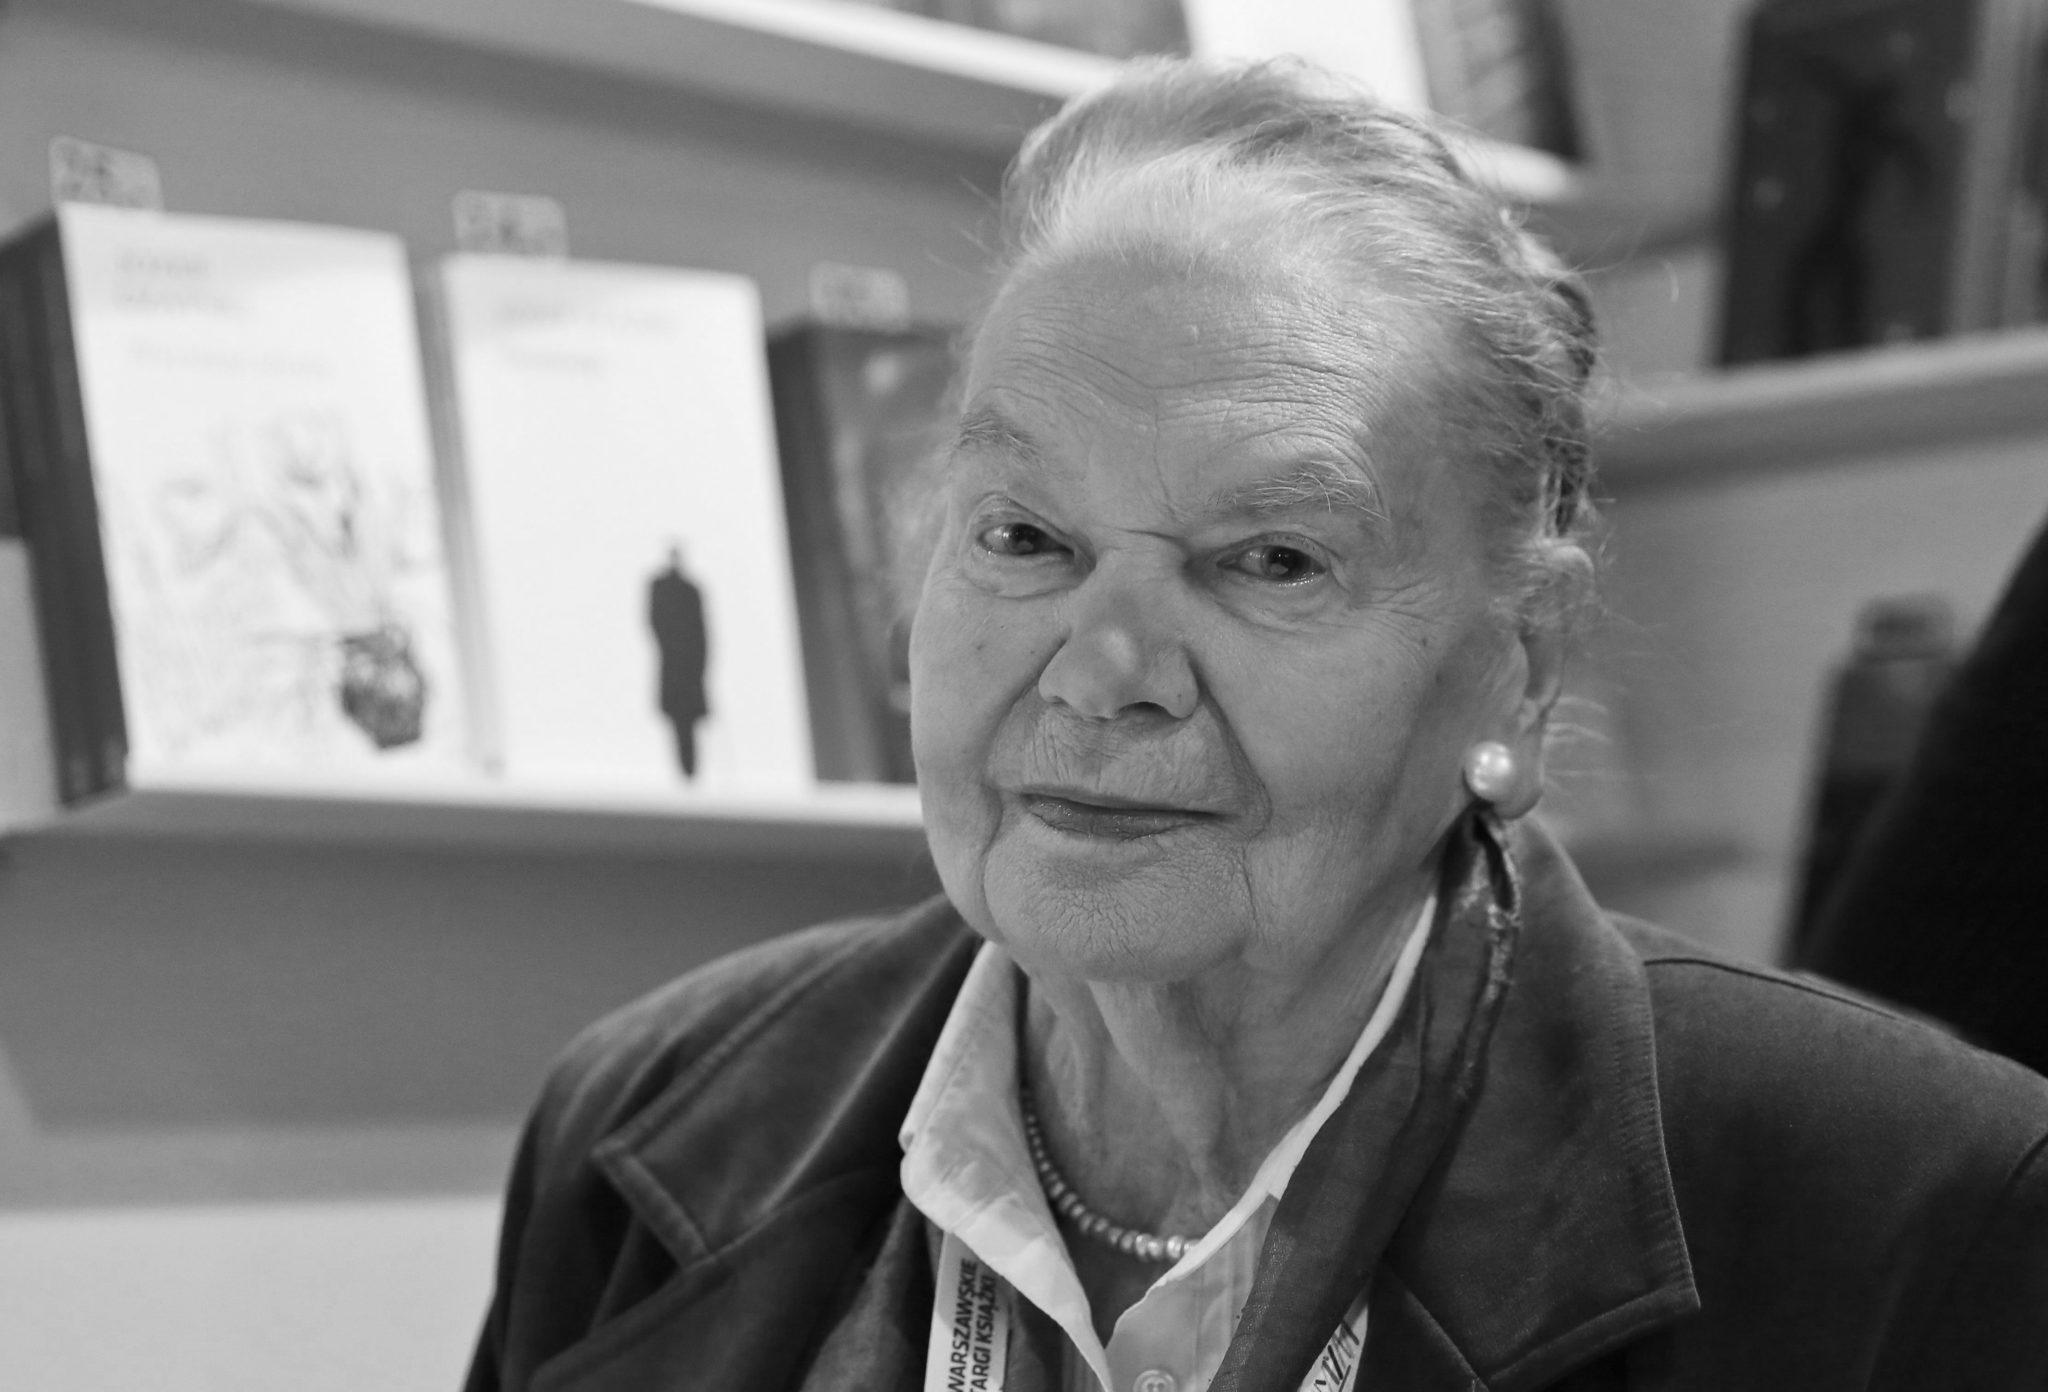 14.07. - Julia Hartwig - poetka, eseistka i tłumaczka literatury pięknej. W okresie PRL popierała demokratyczną opozycję. W styczniu 1976 r. należała do sygnatariuszy